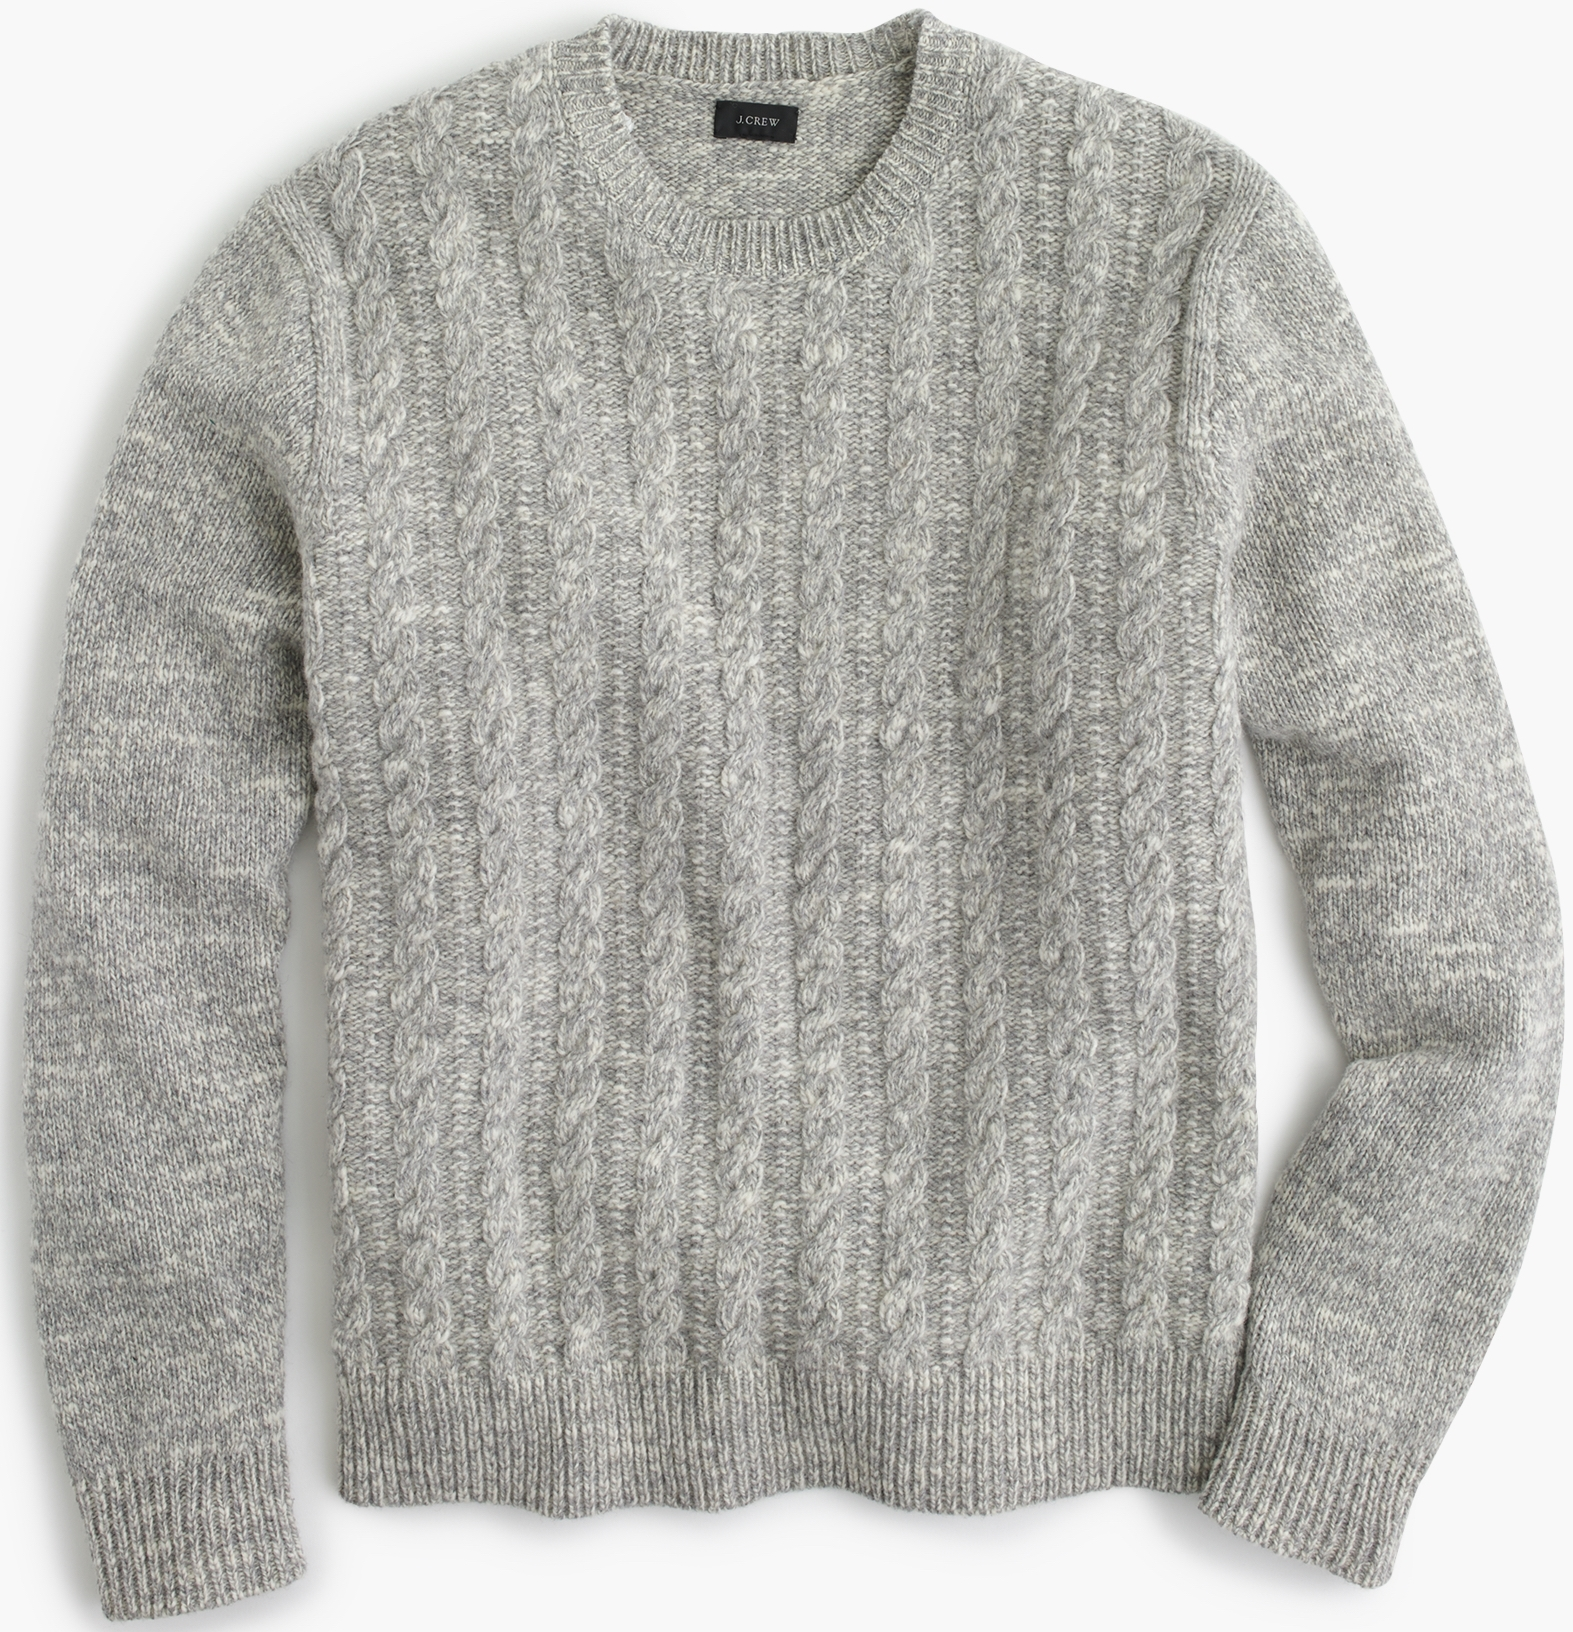 J.Crew Italian Wool Cable Sweater, $128